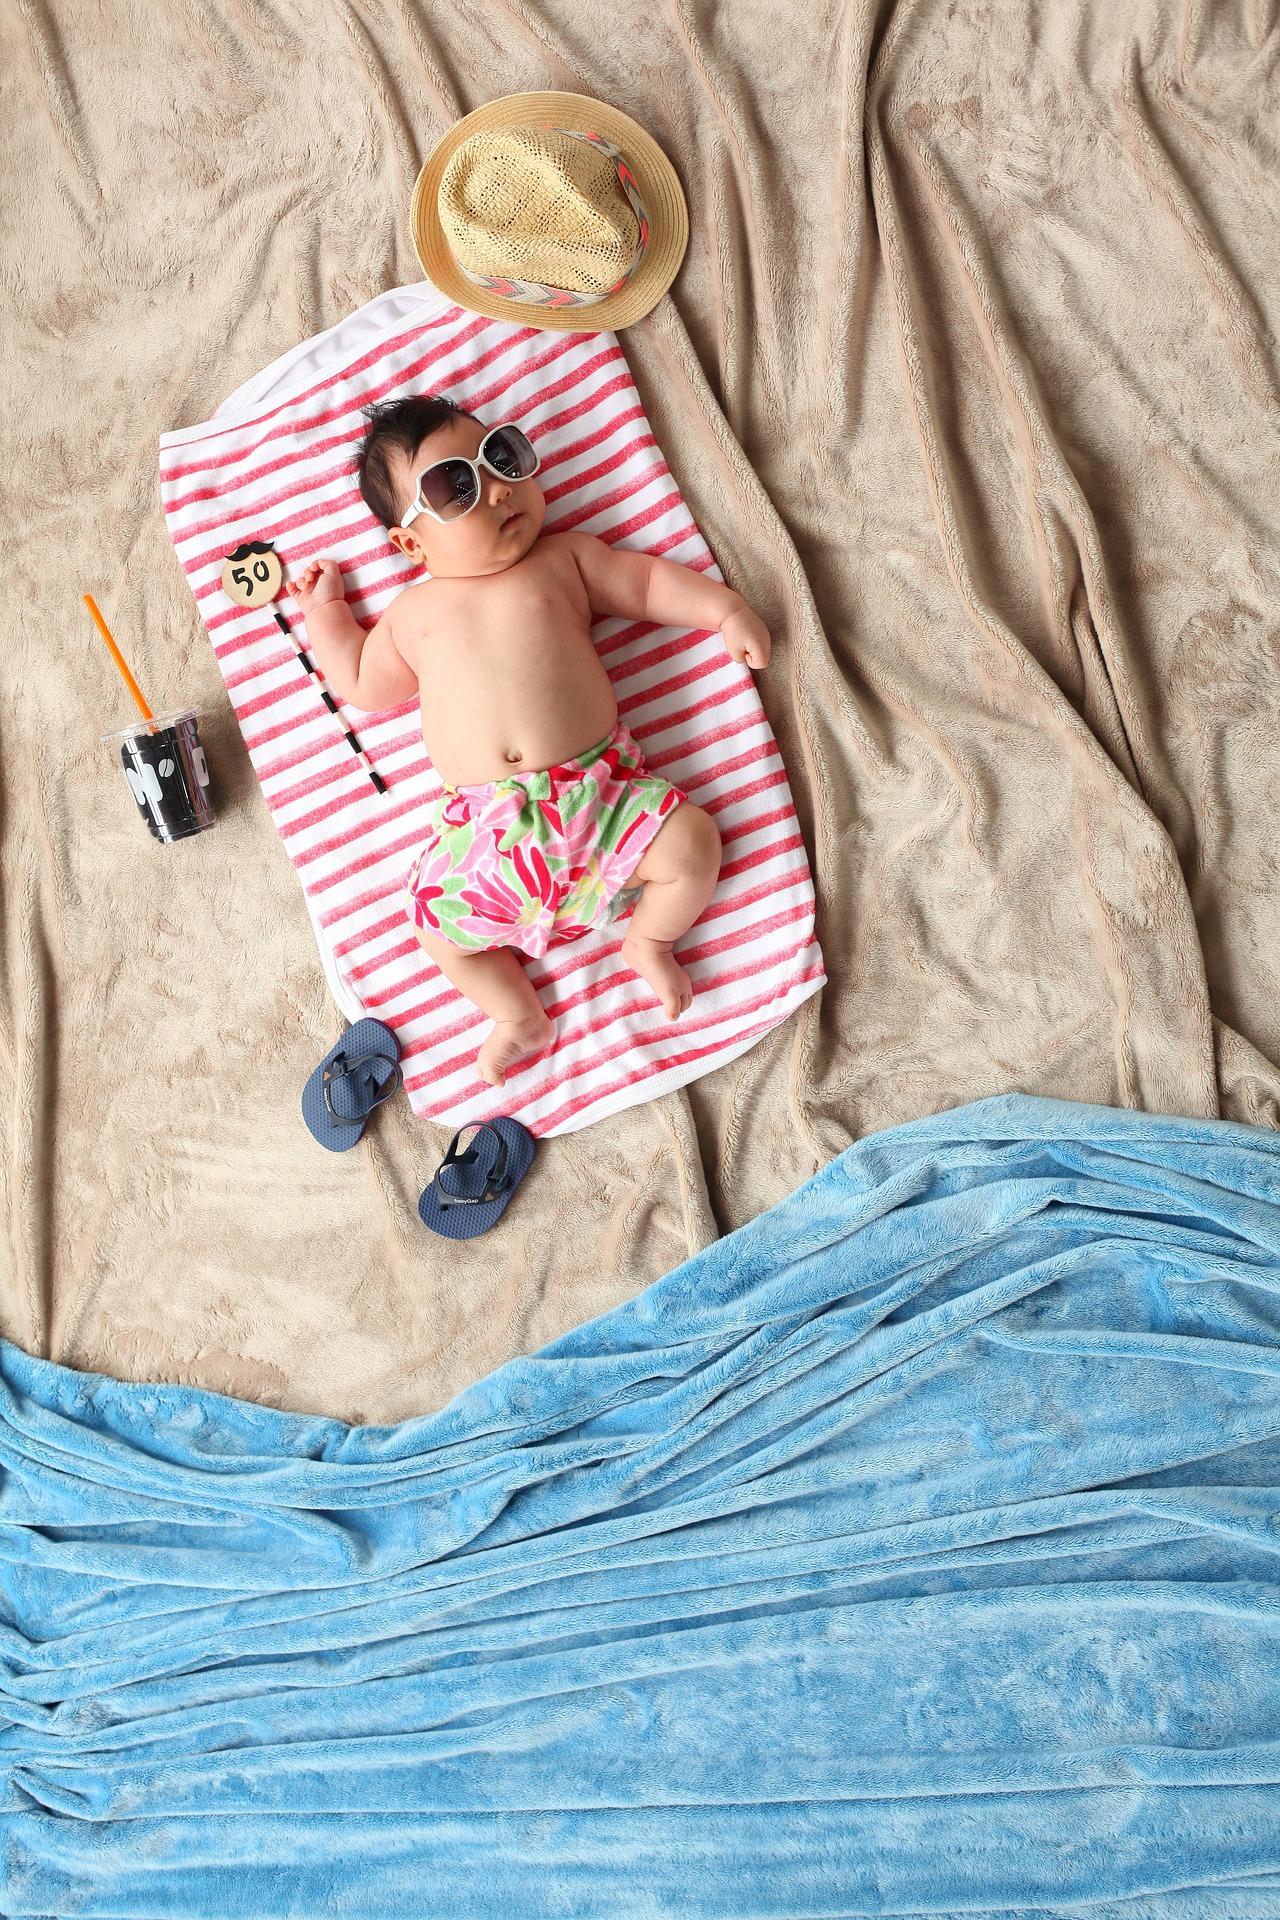 Eindelijk is het zo ver! Met het warme weer lijkt de zomer in Nederland doorgebroken. Helaas hebben de meeste newborns, en daardoor ook de ouders, er wat meer moeite mee. Wat kun je nu met je kindje doen wanneer het zo warm is? Dat lees je in deze blogpost.